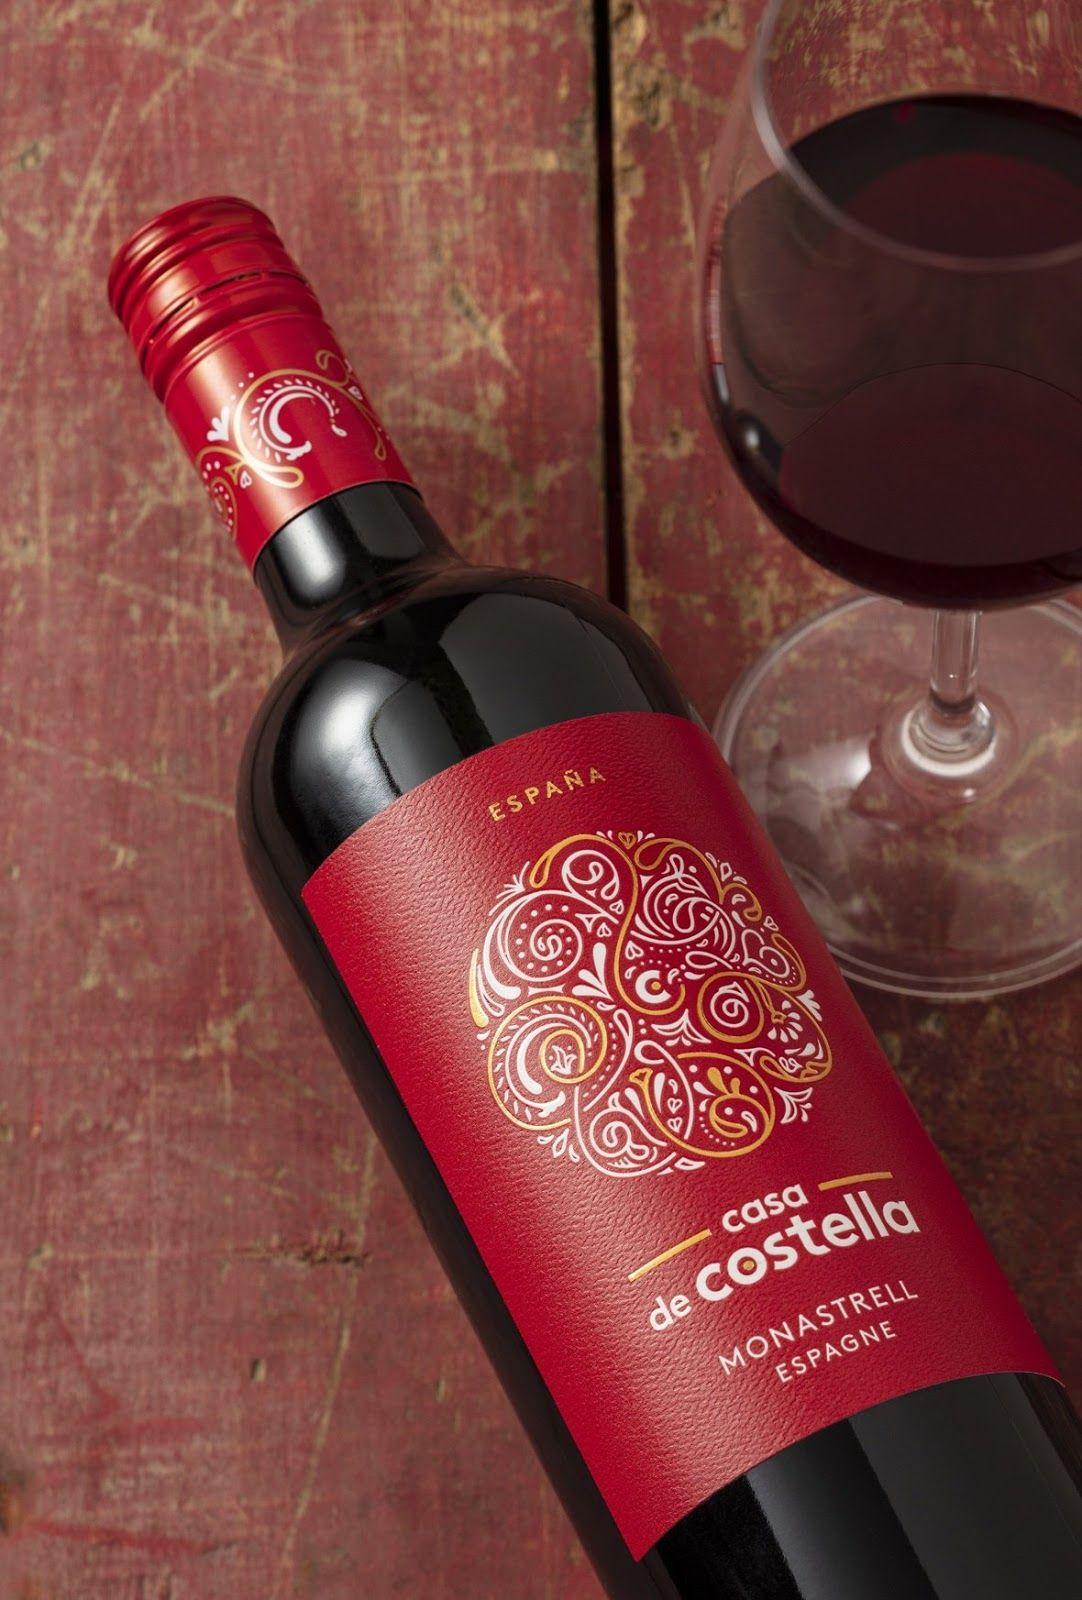 Casa Di Costella In 2020 Creative Packaging Design Wine Design Wine From Spain